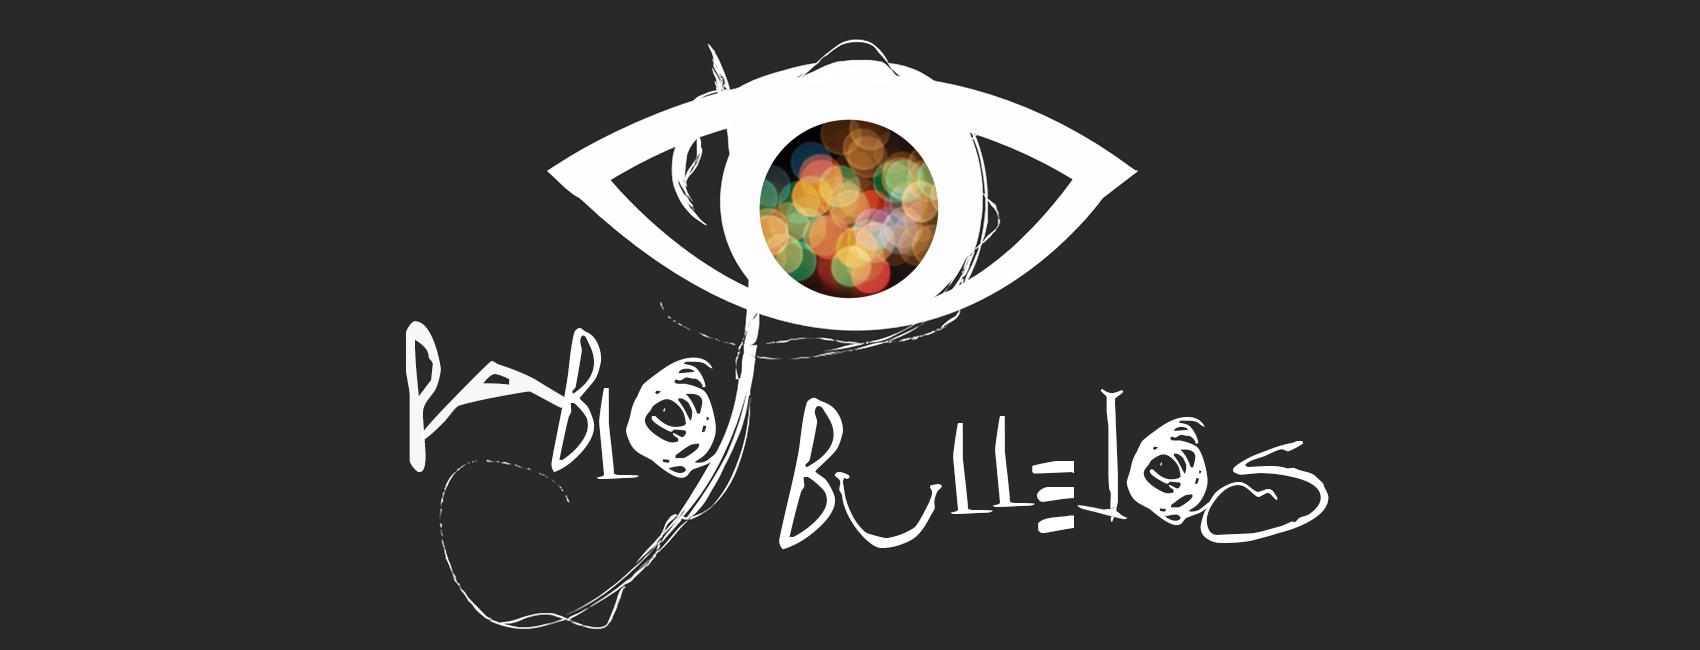 Pablo Bullejos Logo